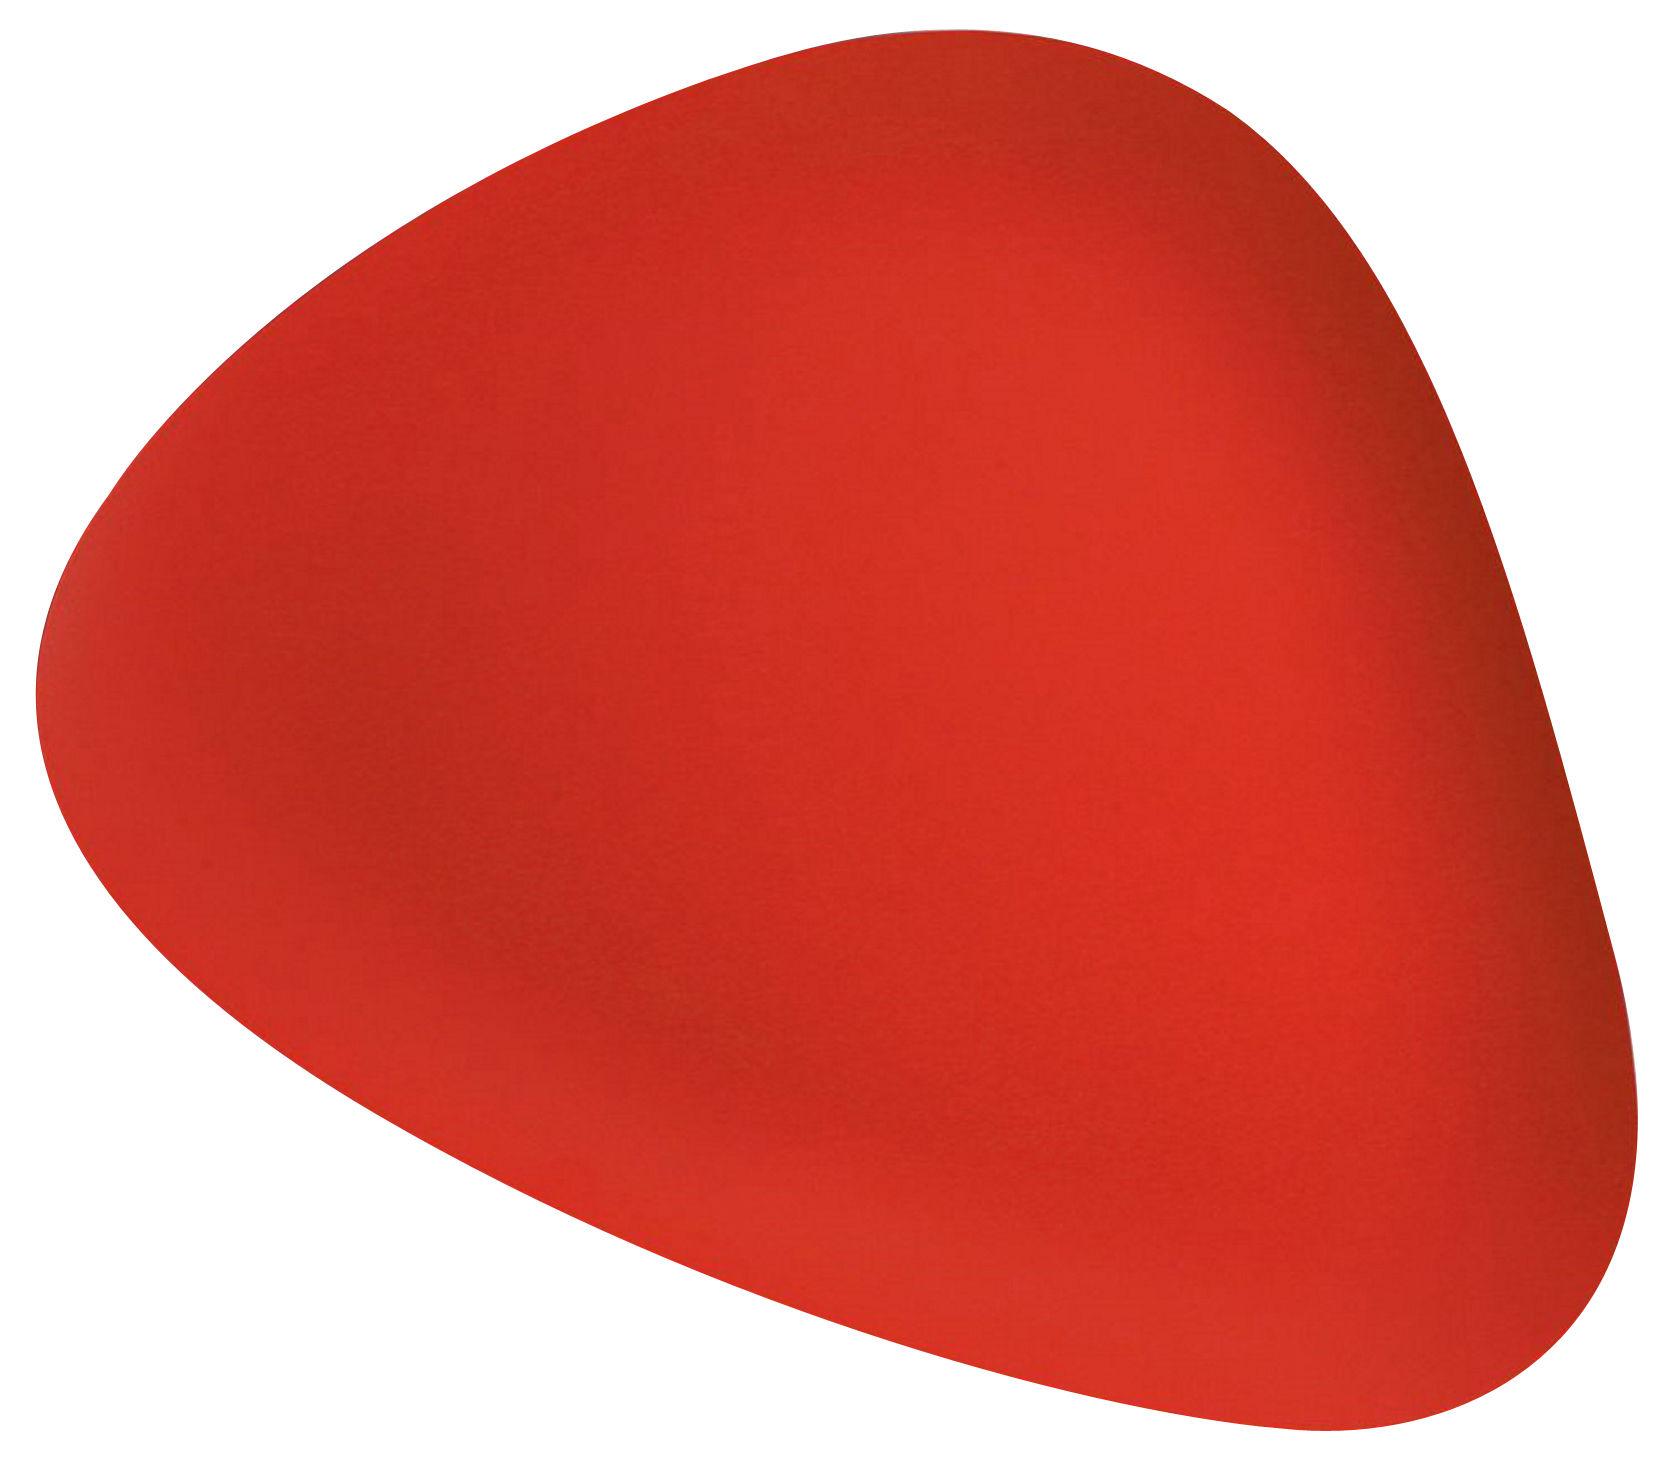 Arts de la table - Plateaux - Plateau Colombina / 51 x 40 cm - Alessi - Rouge - Acier inoxydable poli